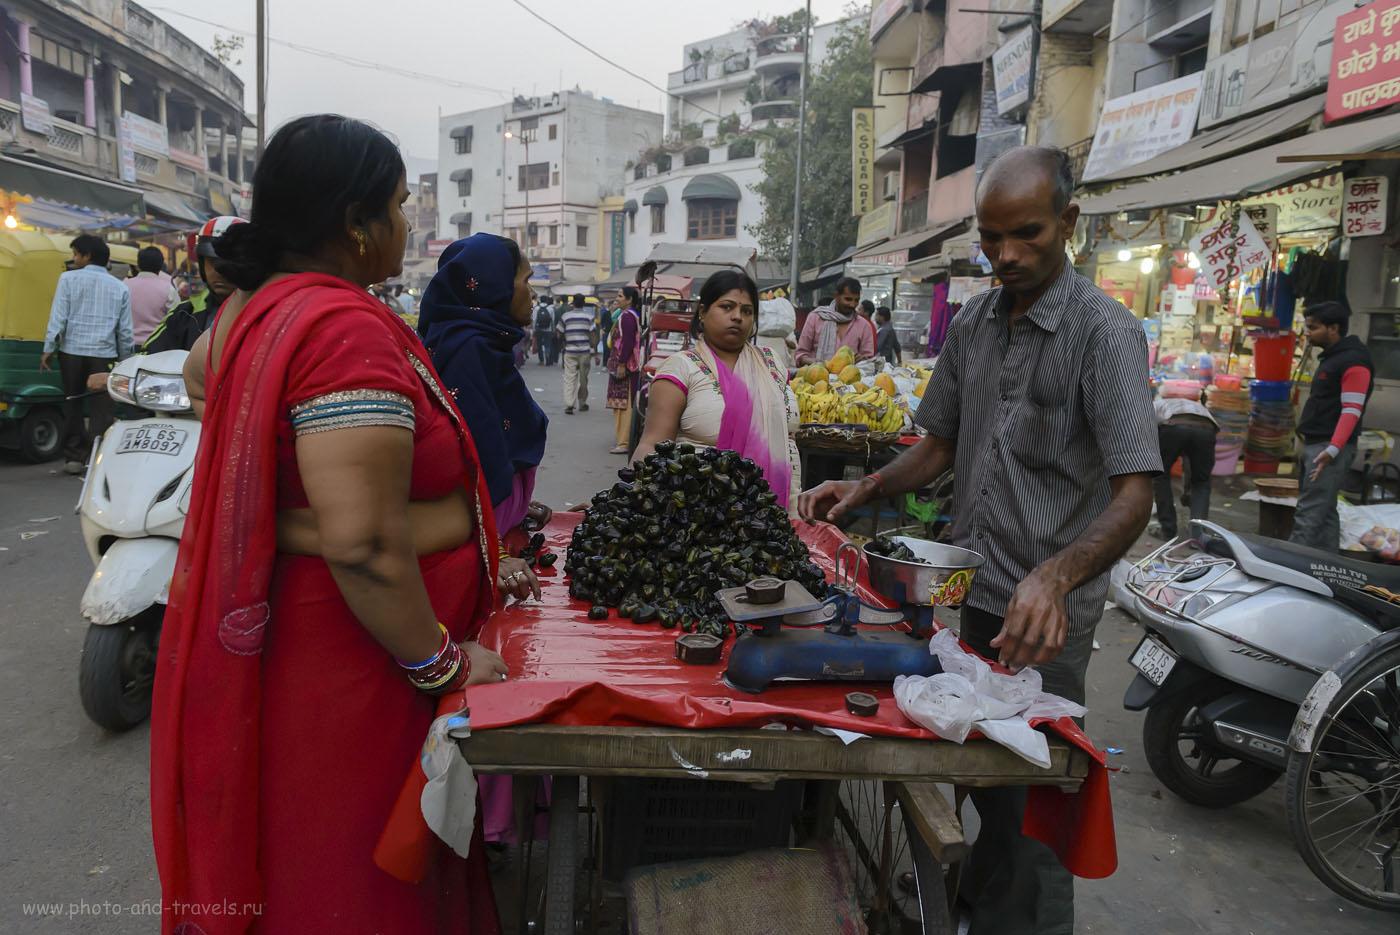 Фотография 19. Водяные орехи на улице Main Bazar в Дели. Отзывы о самостоятельной поездке в Индию. 1/125, -0.33, 4.5, 4000, 24.